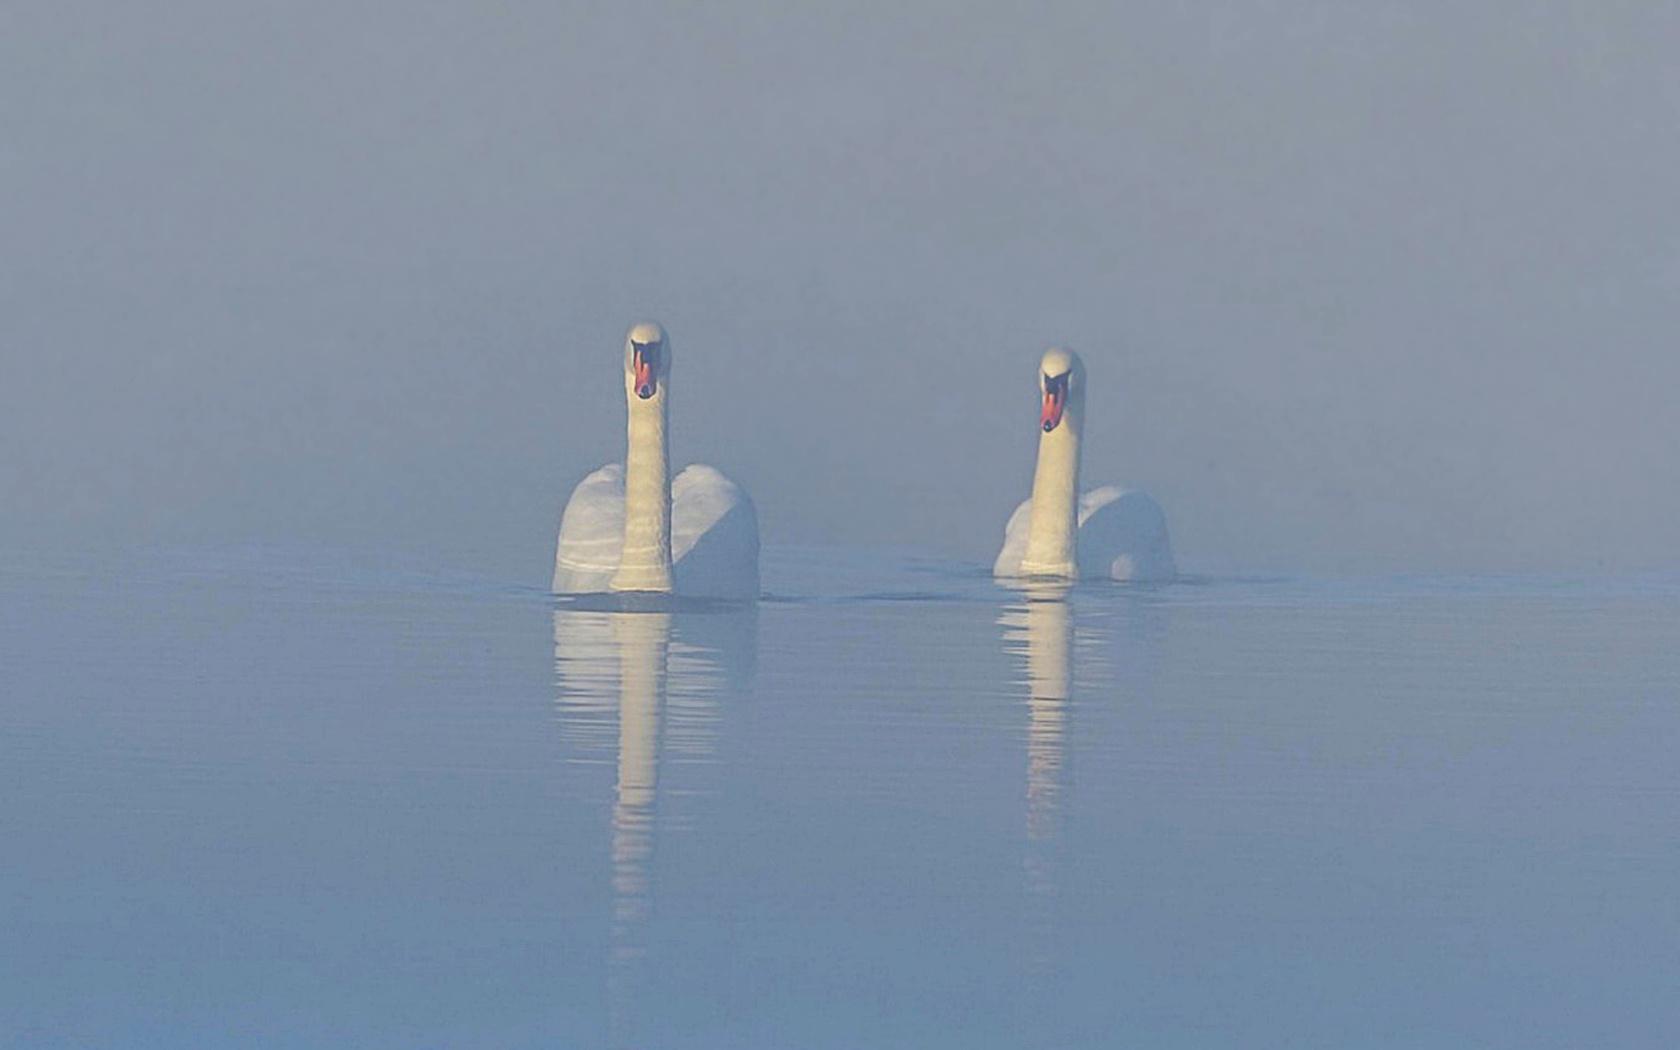 лебеди, пара, туман